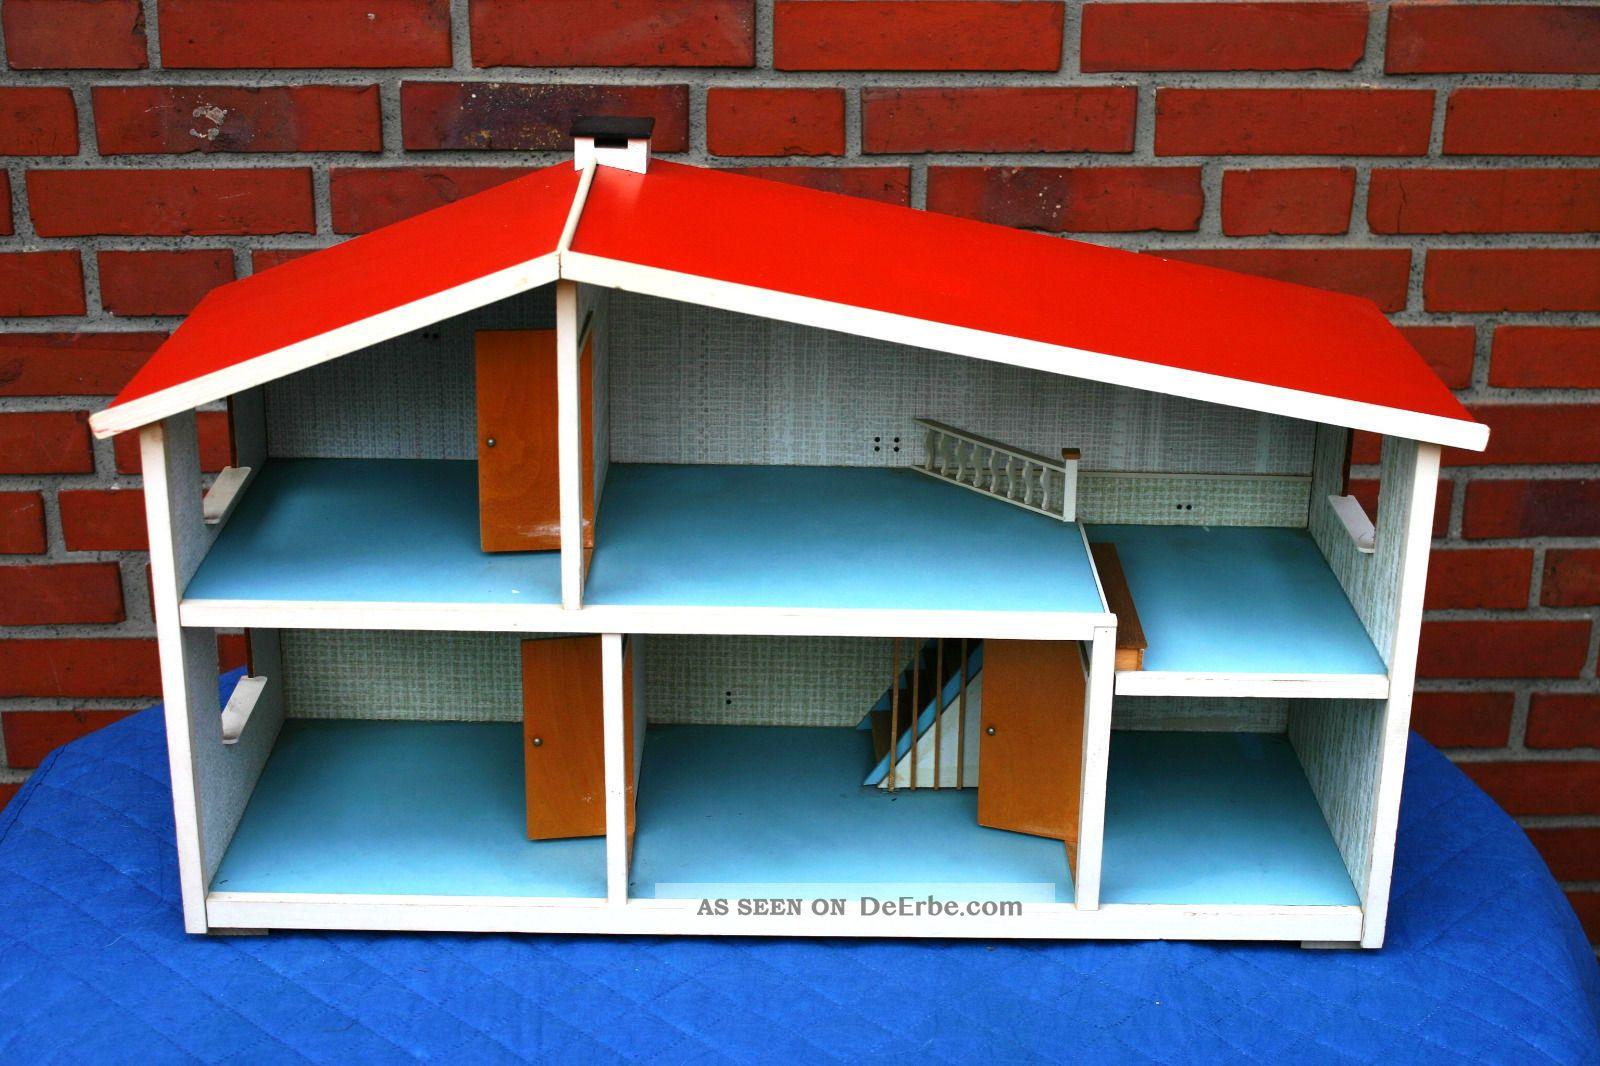 altes puppenhaus von lundby 60er 70er jahre mit elektroinstallation. Black Bedroom Furniture Sets. Home Design Ideas